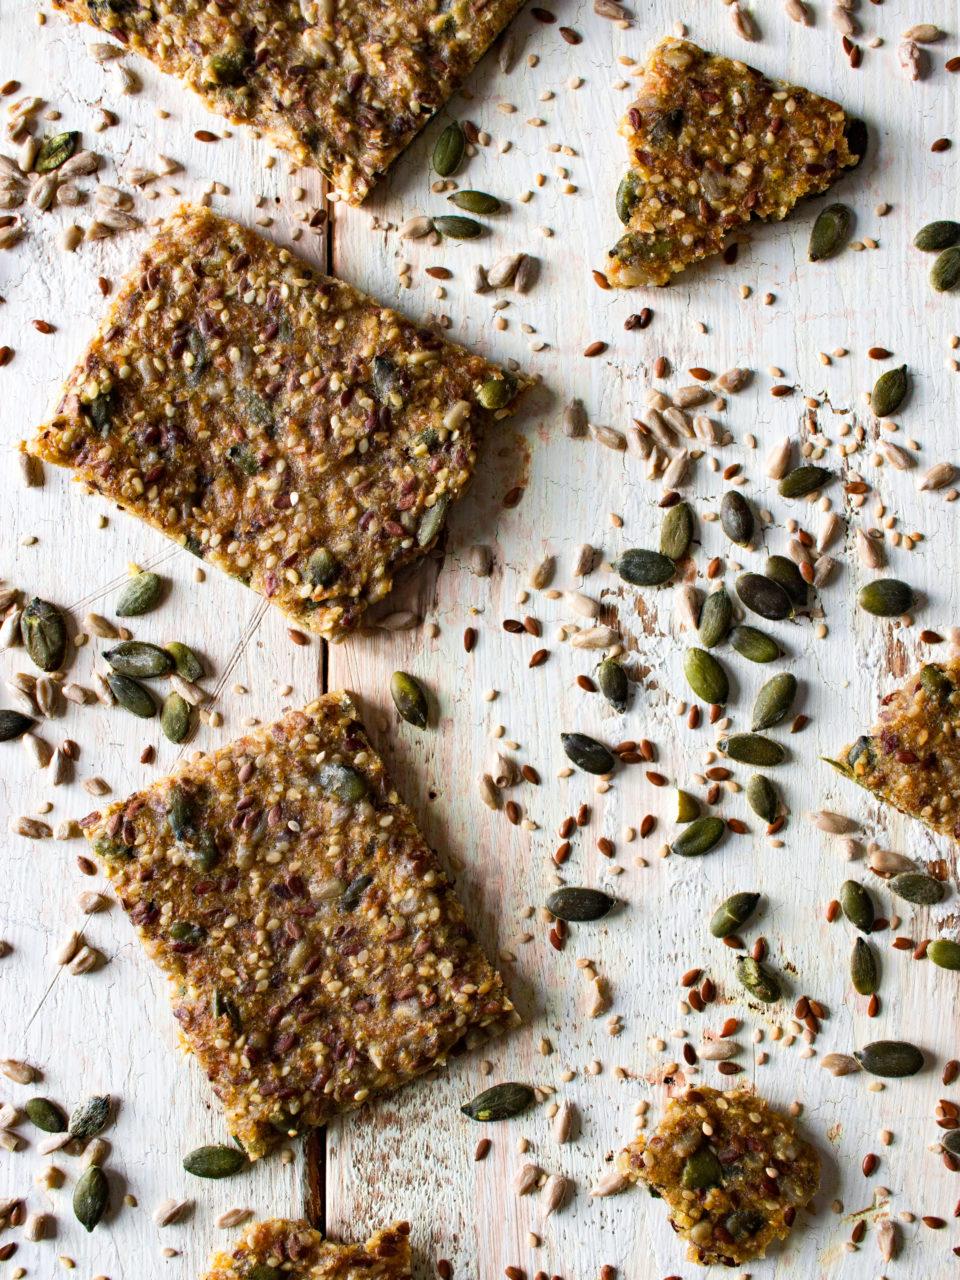 #instarecipe • Crackers de espelta, trigo integral y semillas   Spelt, whole-wheat, and seeds crackers •